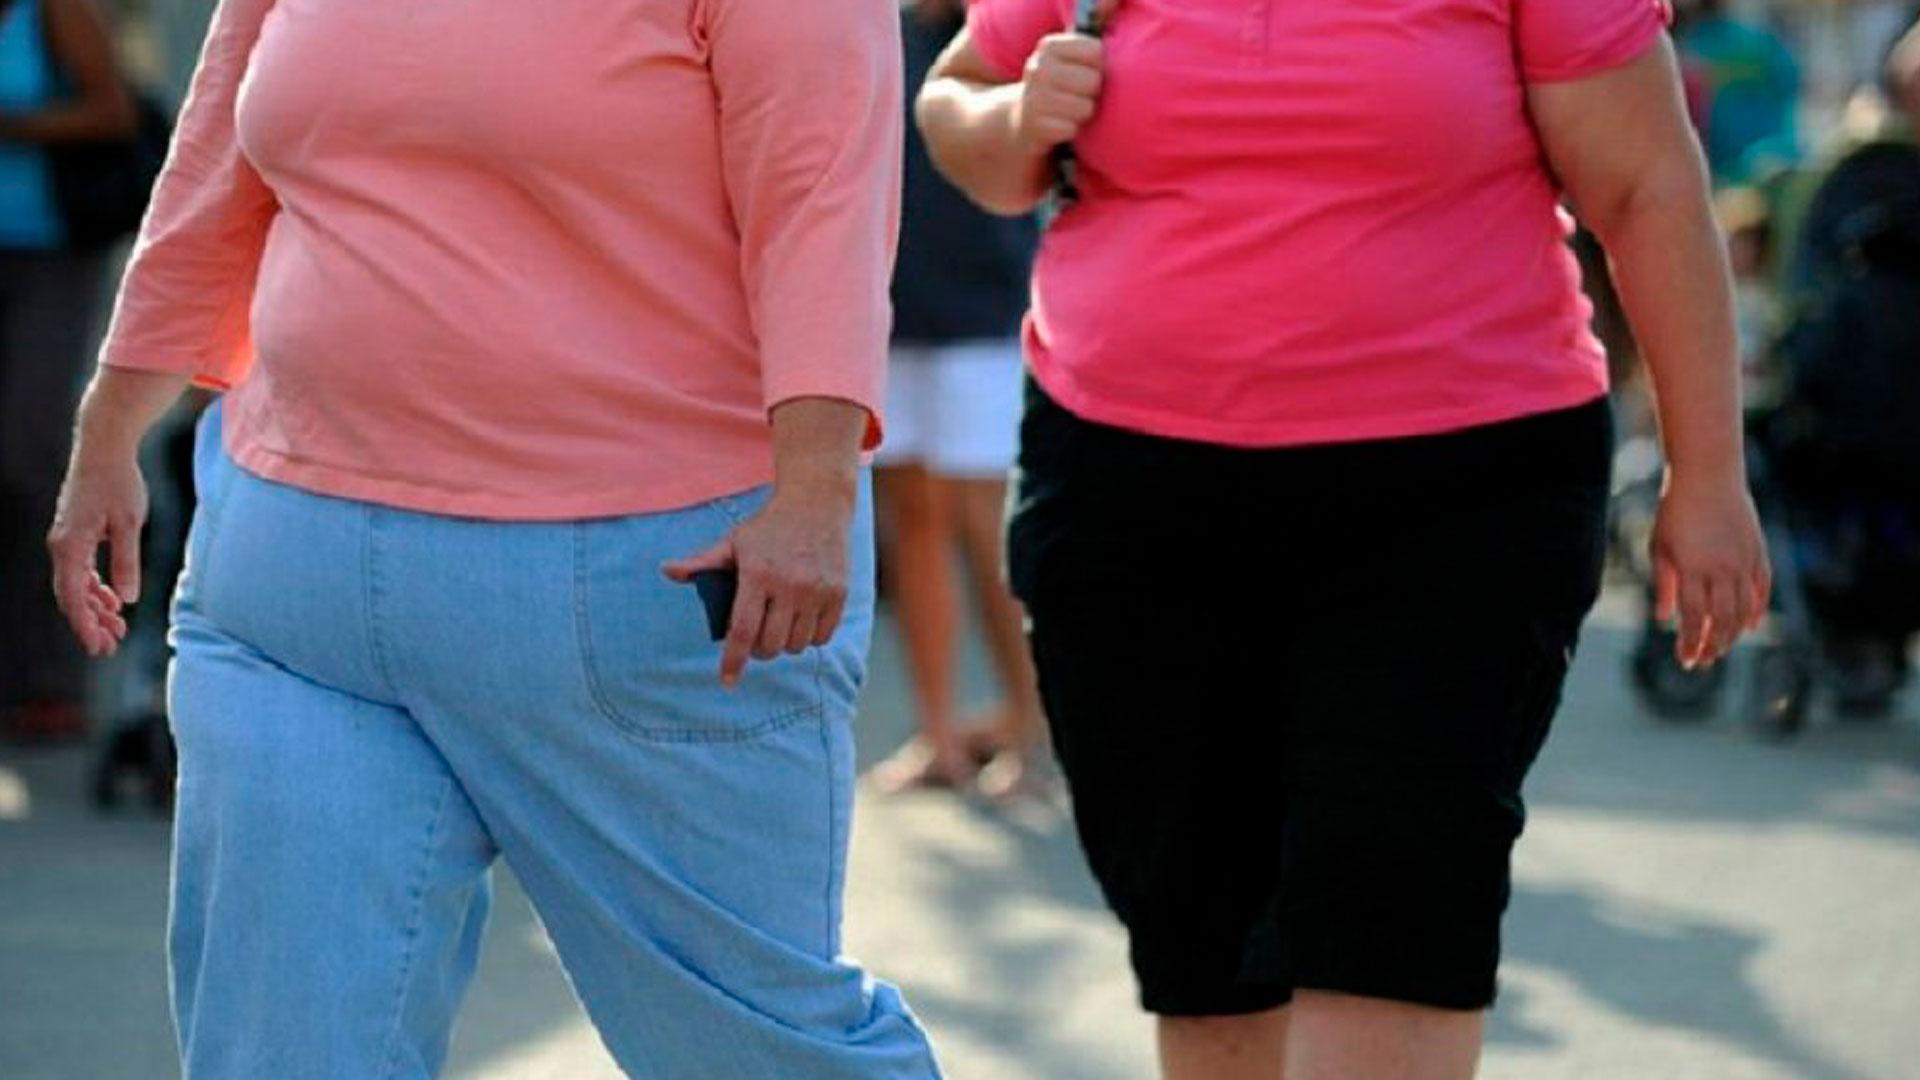 l diabete si può prevenire o anche invertire se si evita il sovrappeso